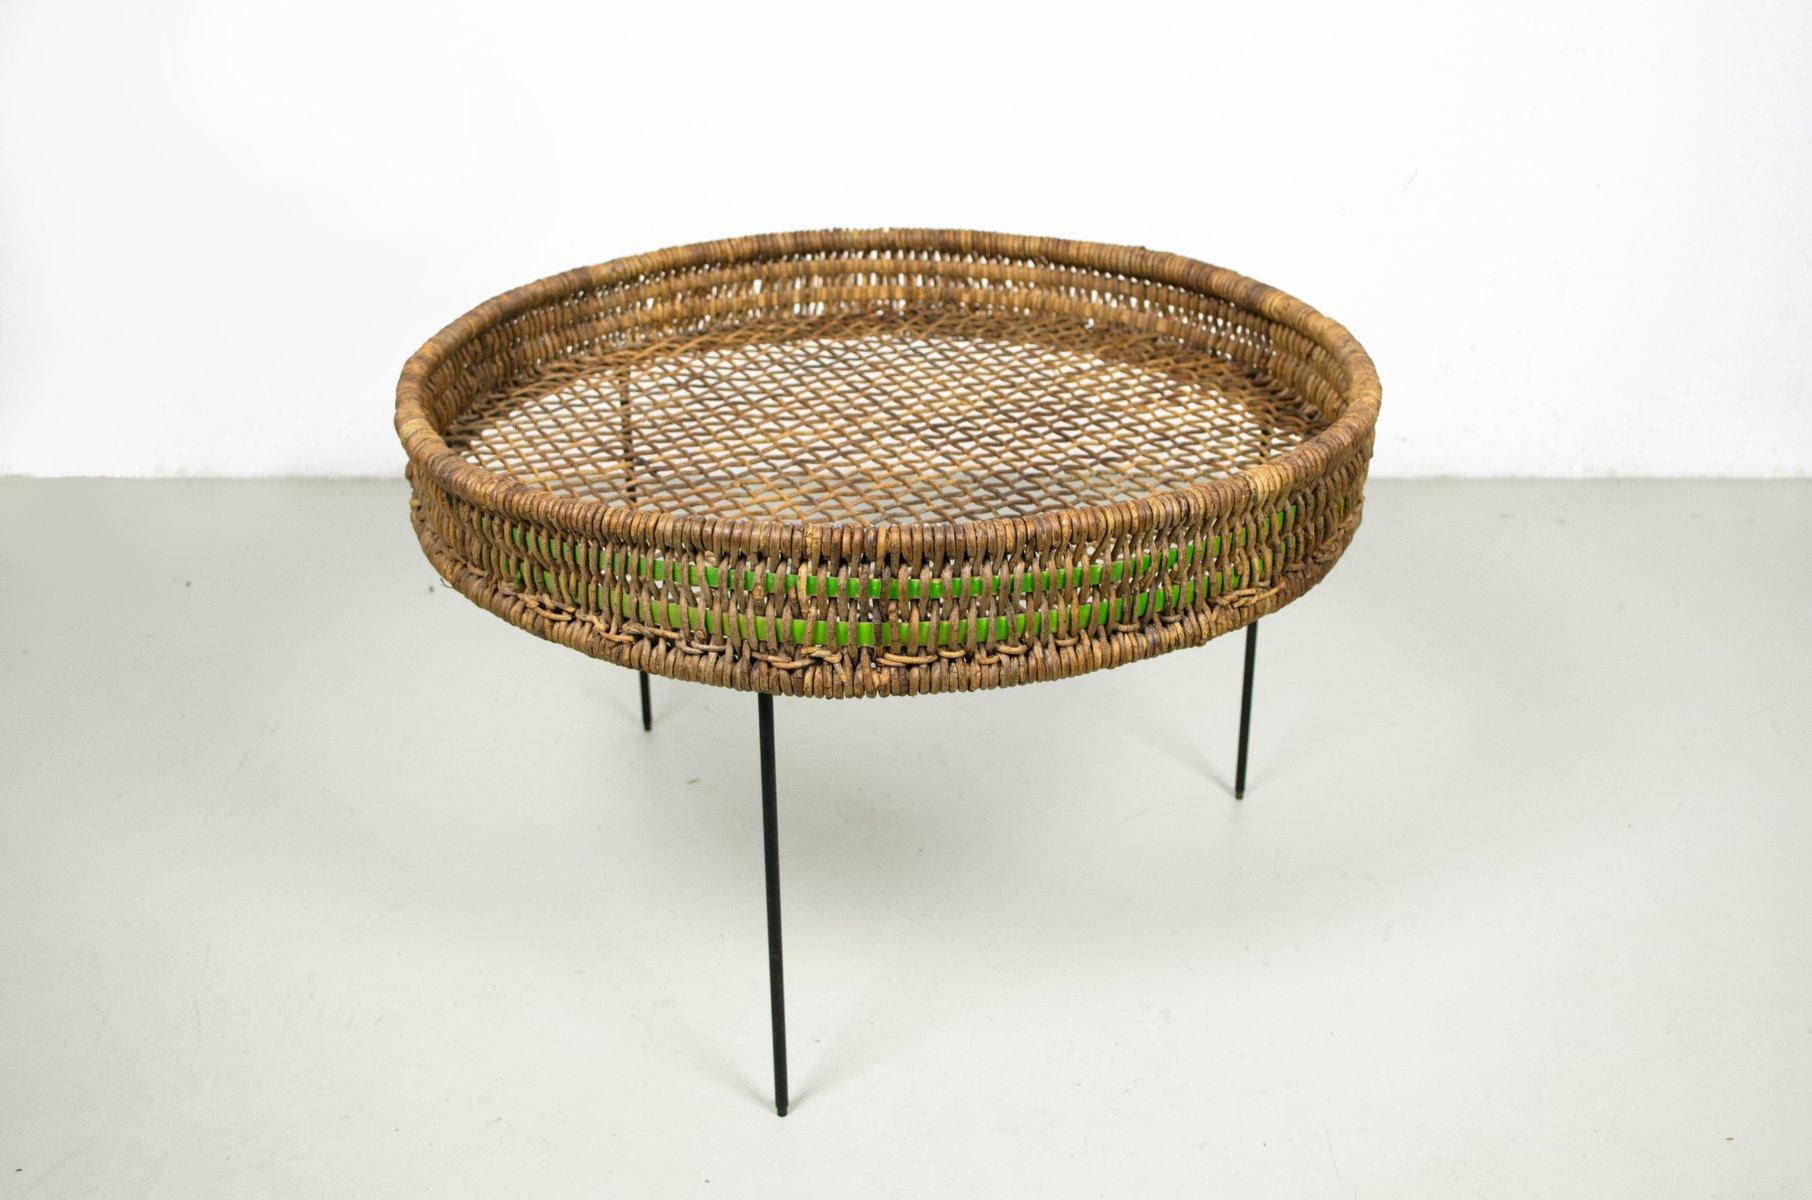 runder beistelltisch aus rattan mit beinen aus metalldraht. Black Bedroom Furniture Sets. Home Design Ideas